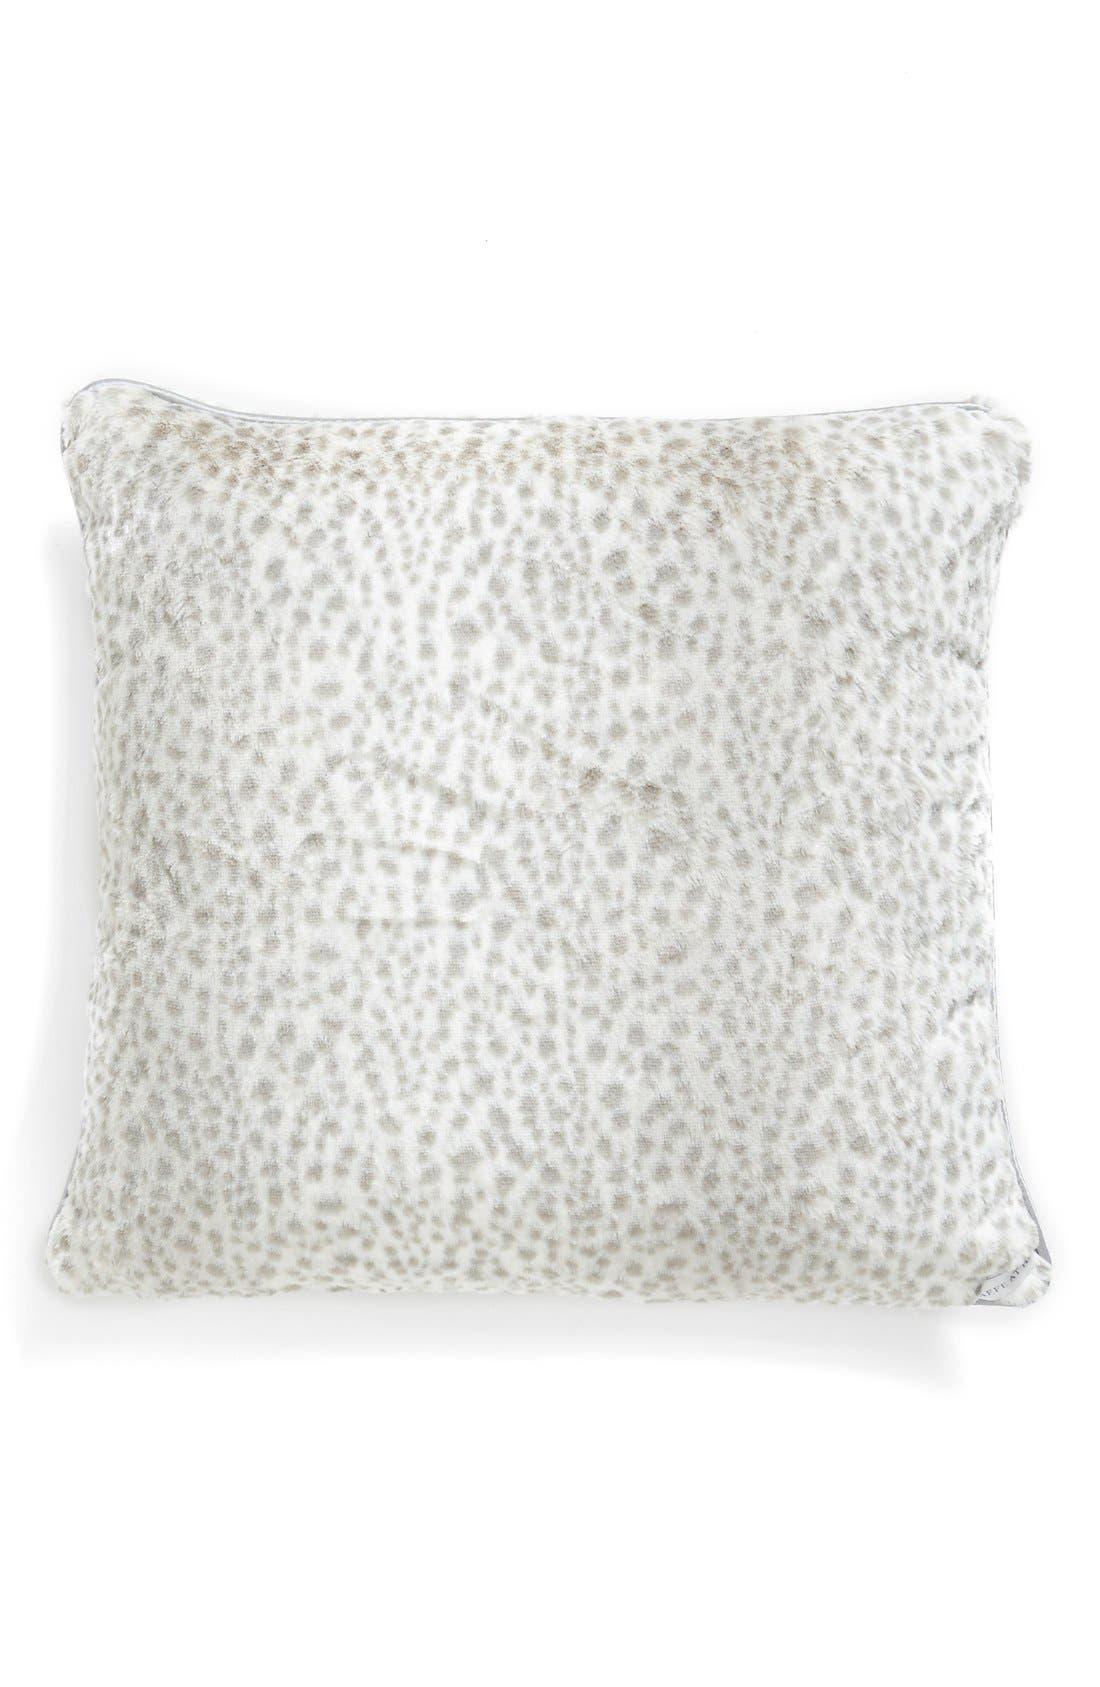 'Snow Leopard' Faux Fur Throw Pillow,                             Main thumbnail 1, color,                             040